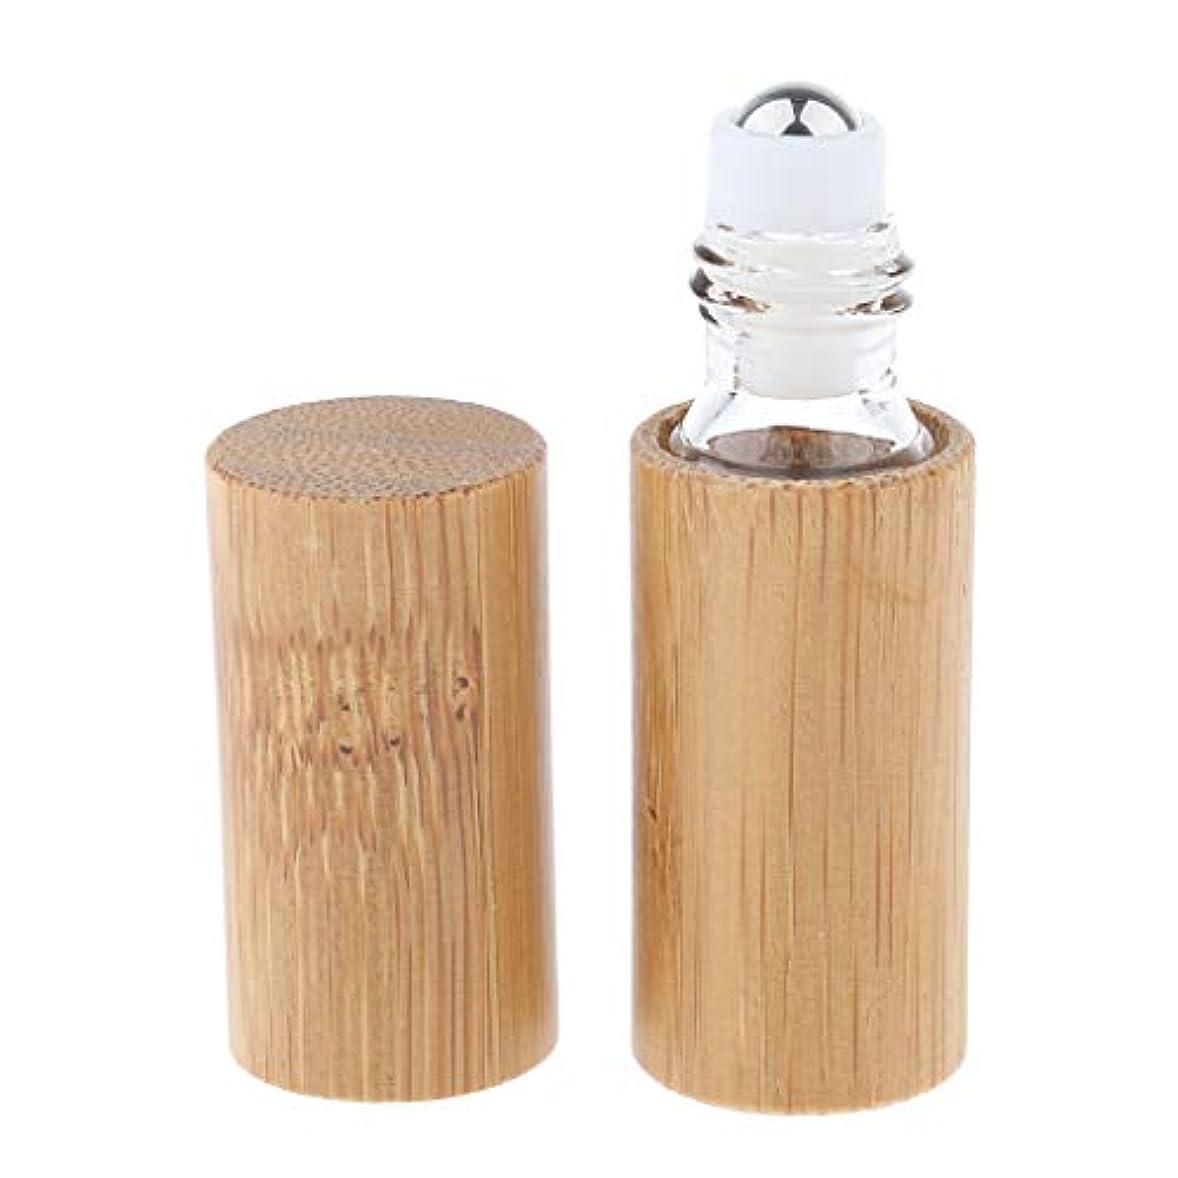 分数私たち乱れIPOTCH アロマボトル 保存容器 天然竹 エッセンシャルオイル 香水 保存用 詰め替え ローラーボール 手作り